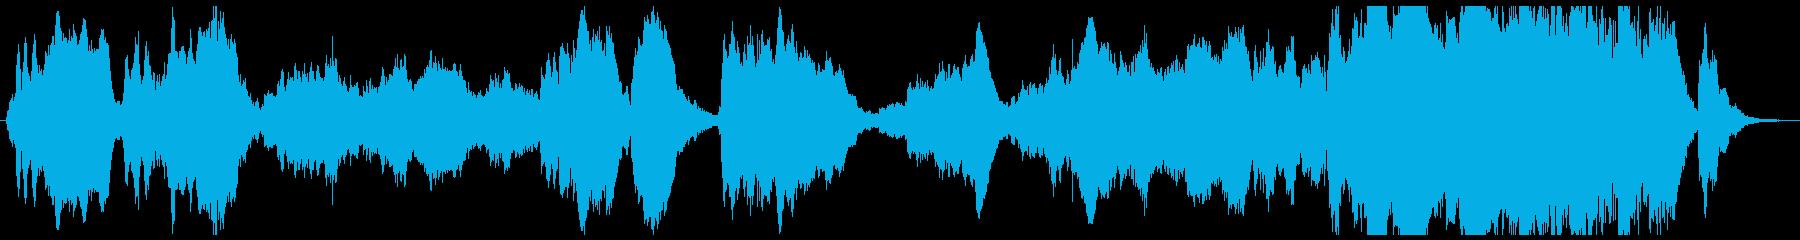 ベートーヴェン「運命」打ち込みアレンジの再生済みの波形